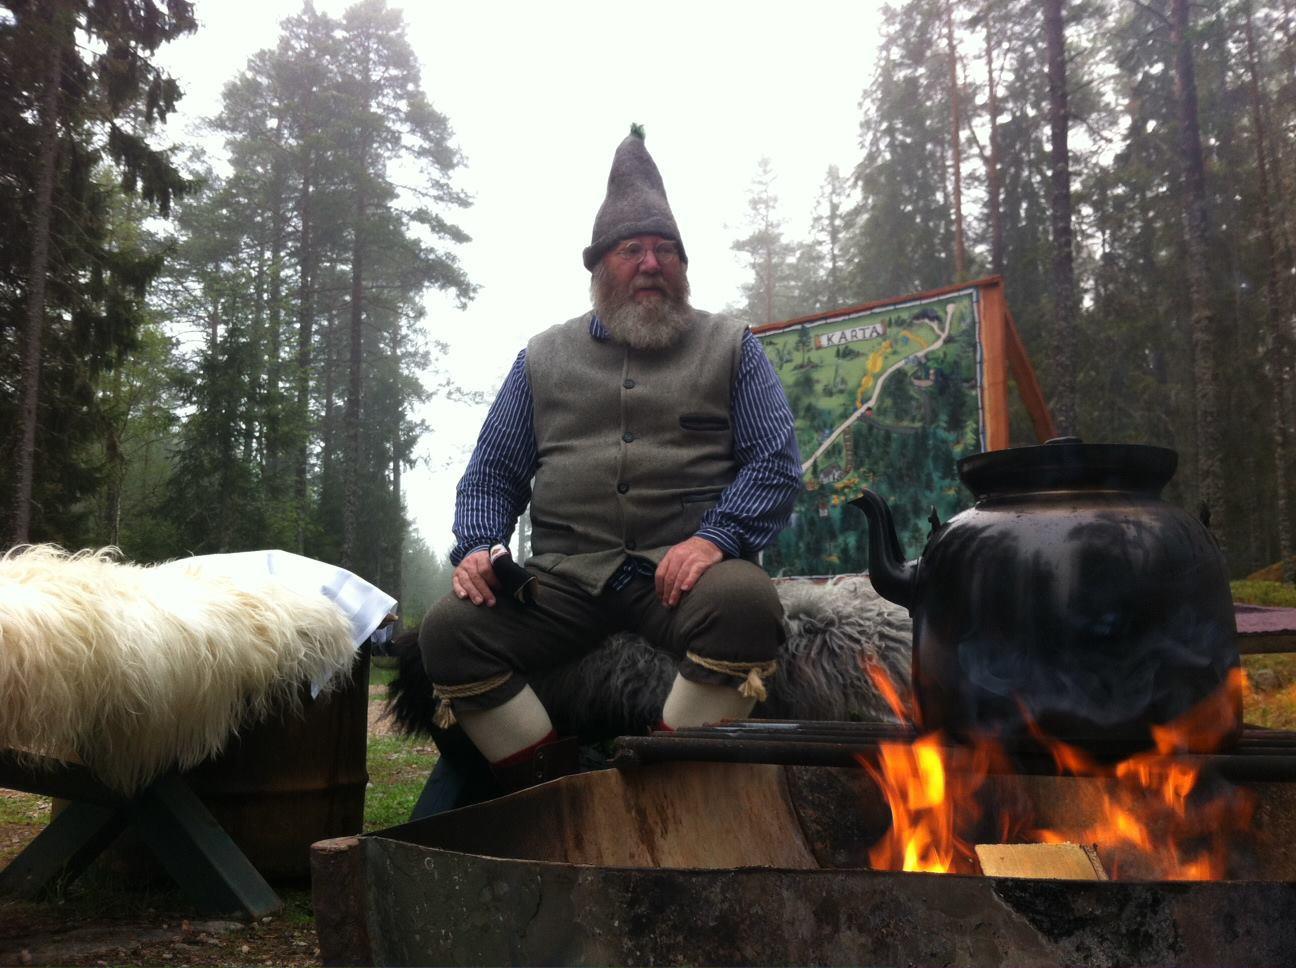 Trolska Skogens hustomte besöker Midvinterglöd!  www.trolskaskogen.se